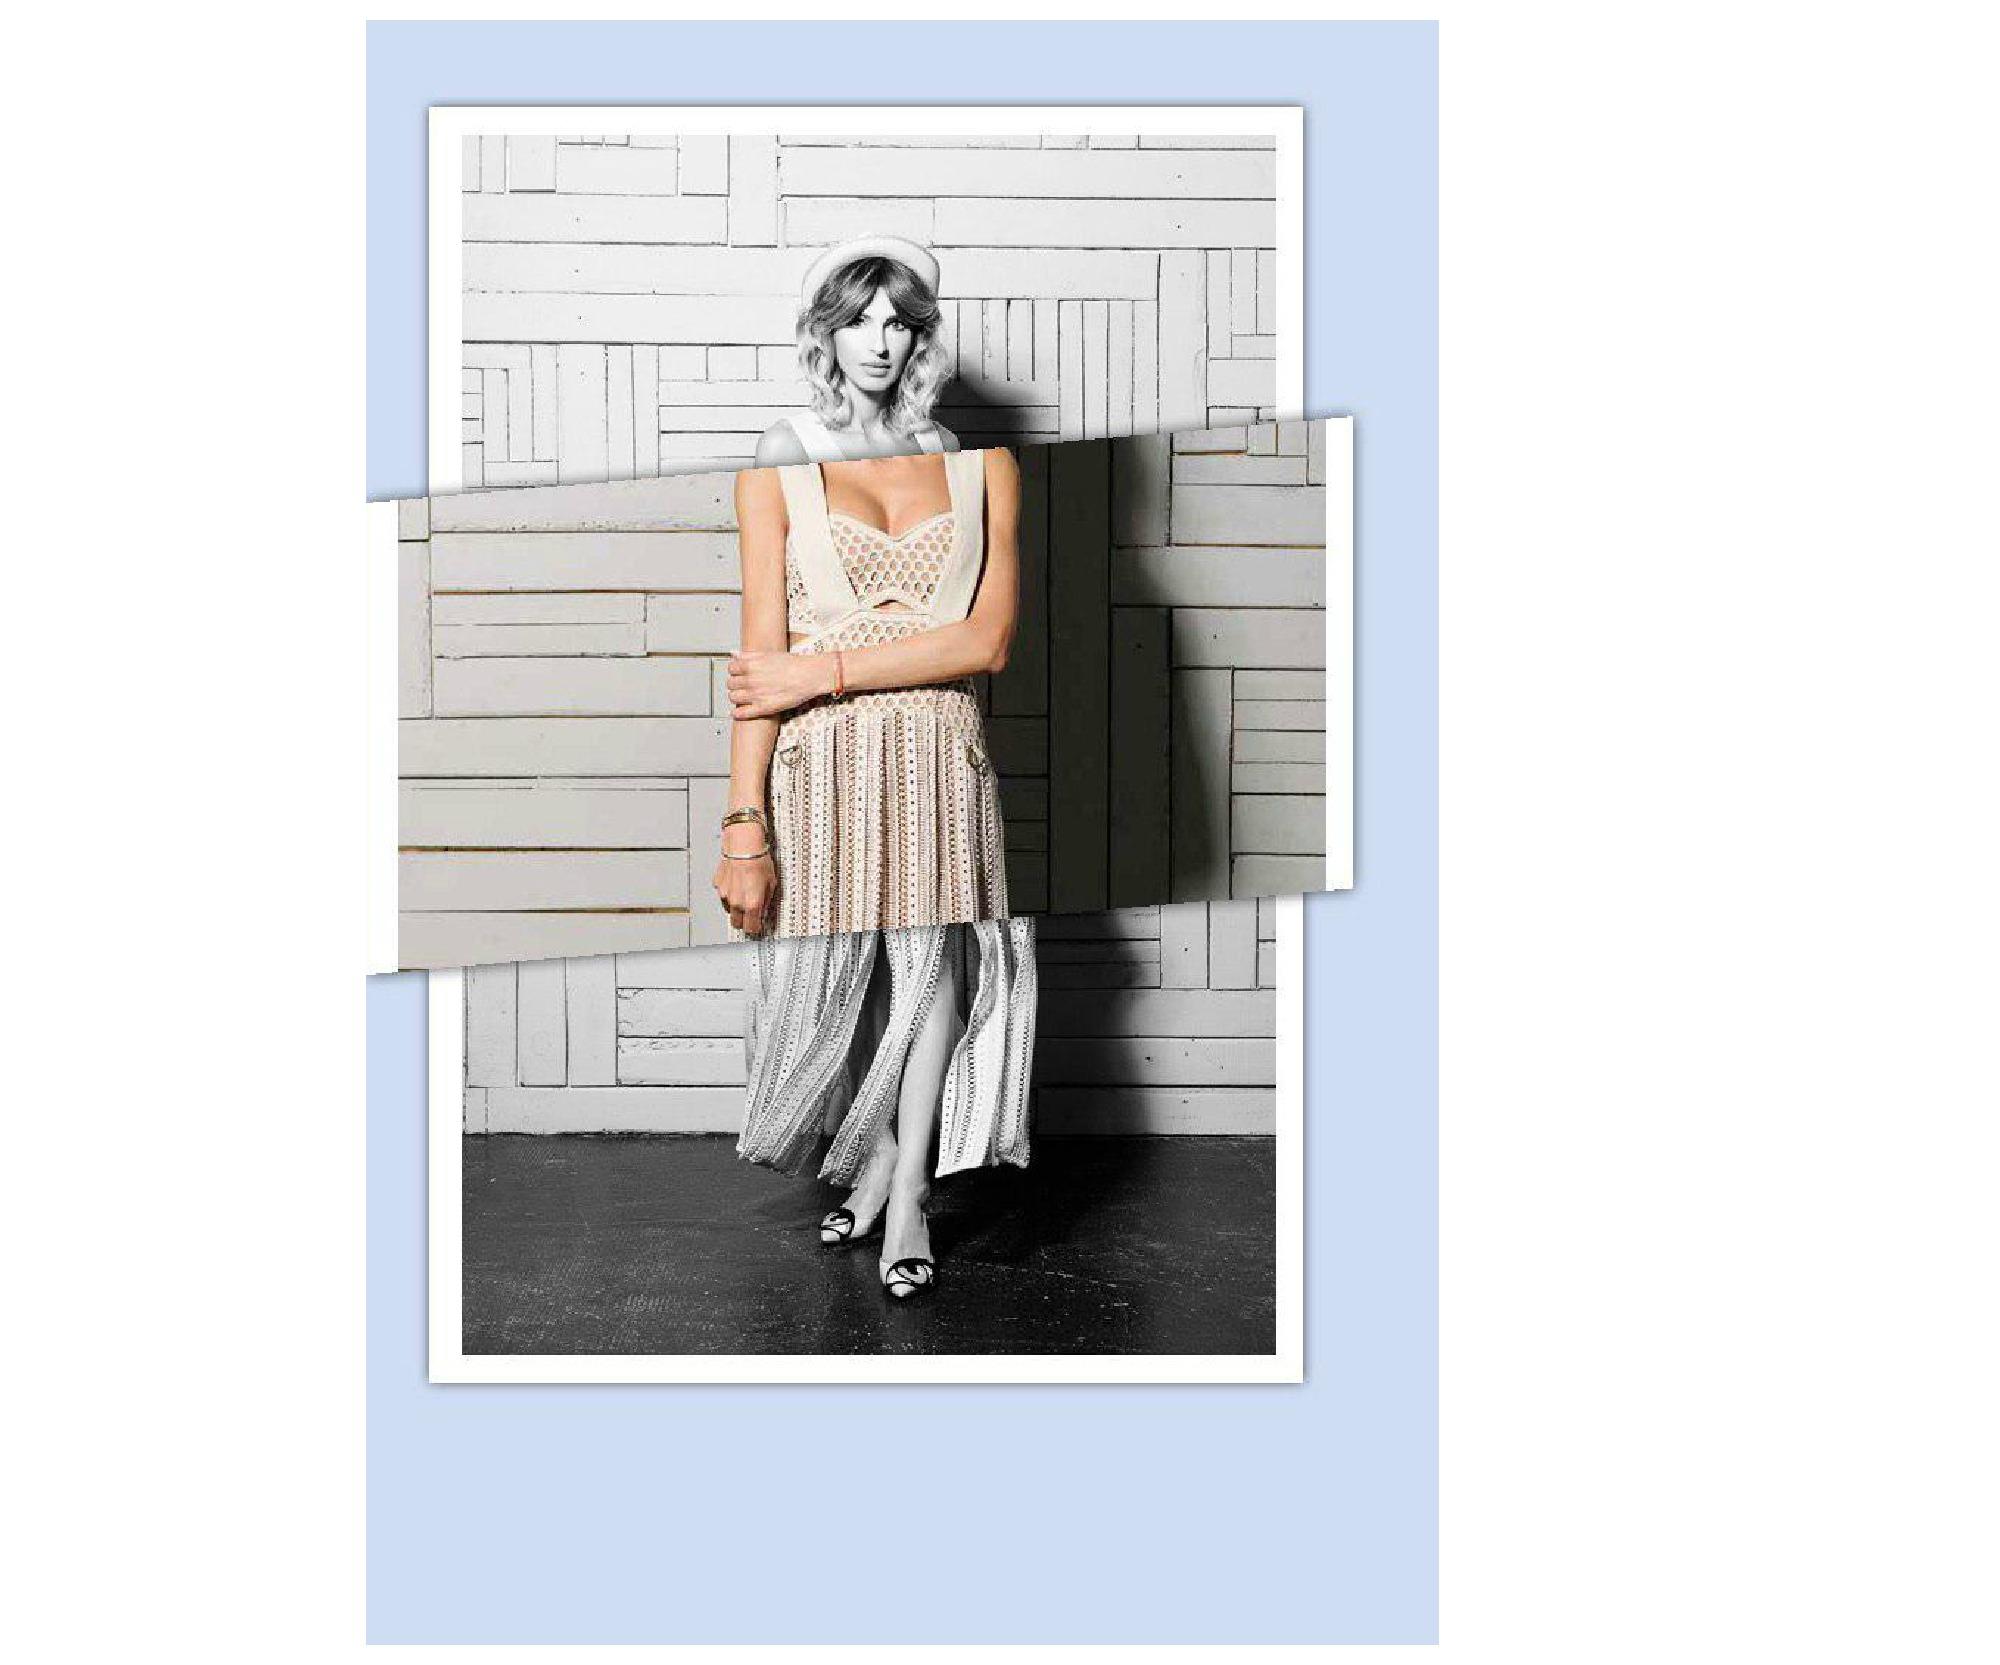 алиса шкиль фото квартирнике